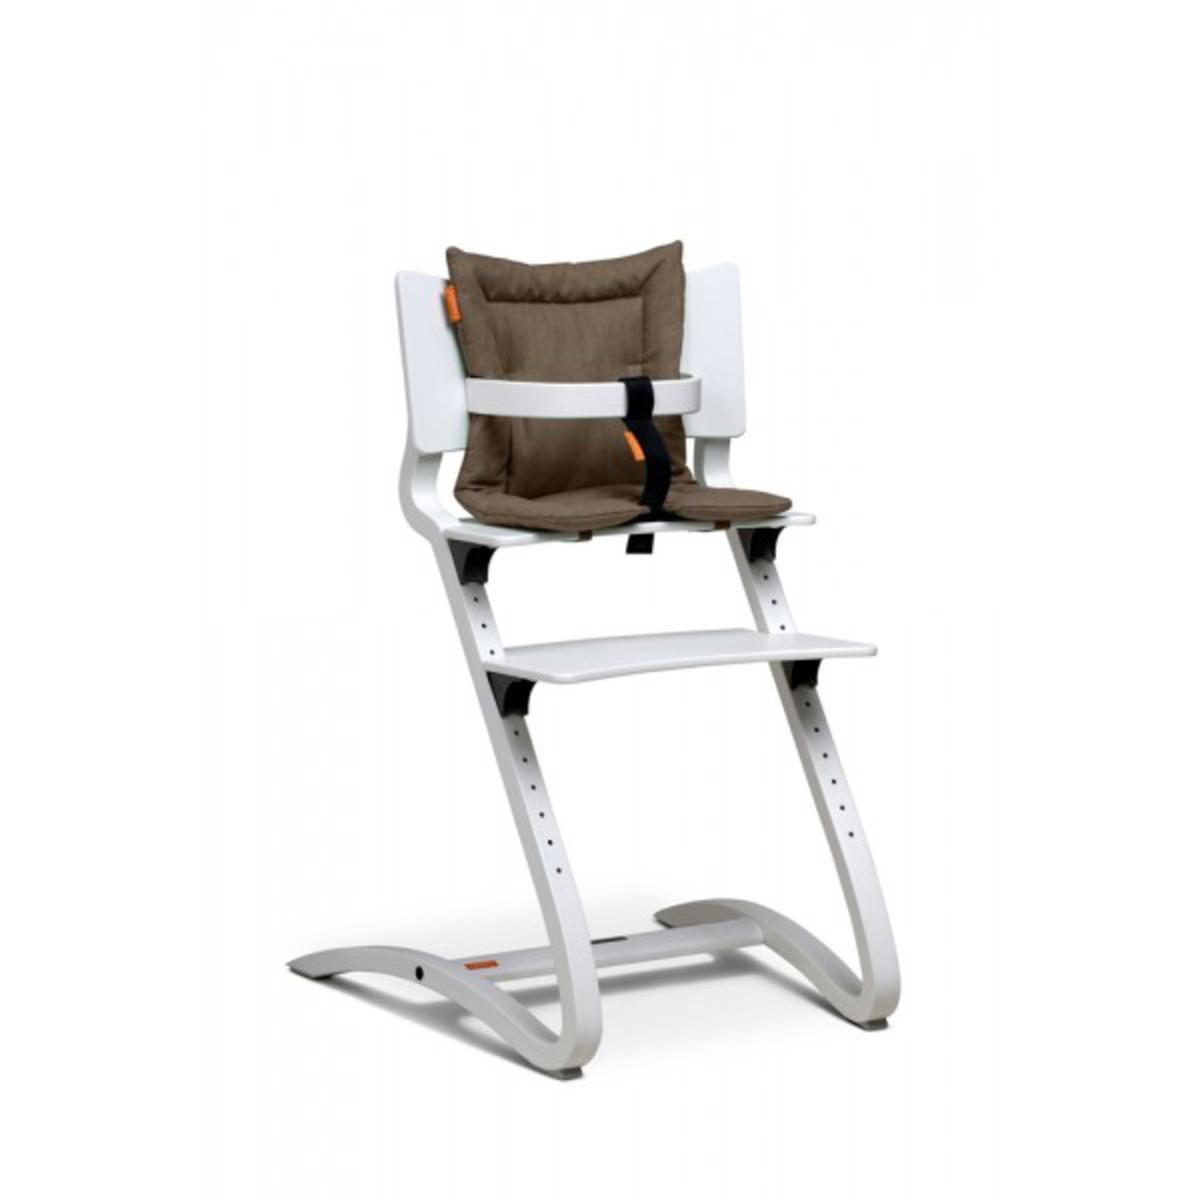 Coussins pour chaise haute cafe coucaf achat vente - Coussins ronds pour chaises ...